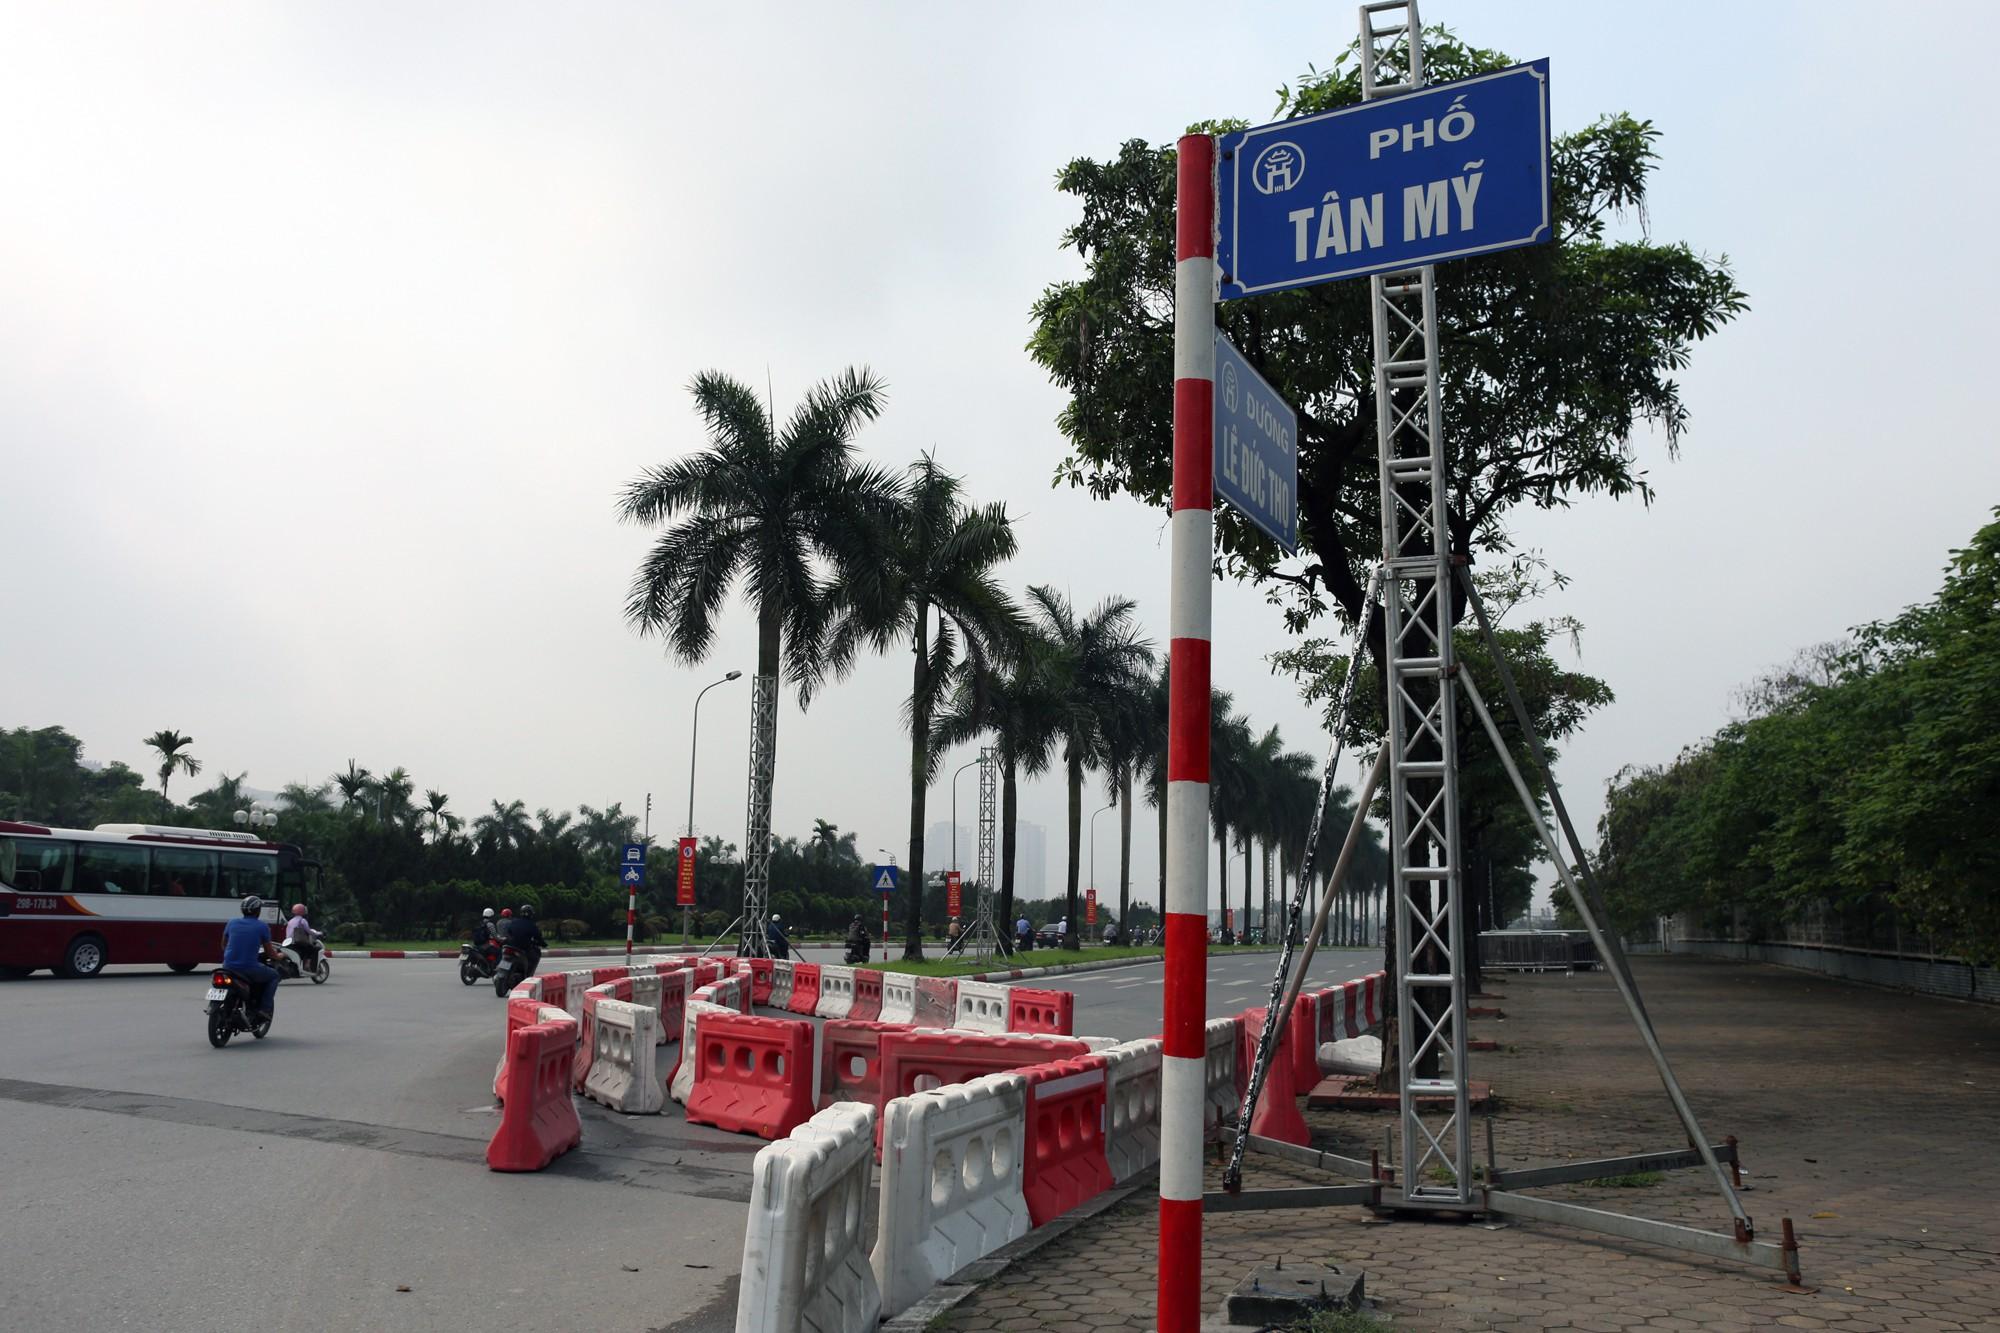 Cận cảnh nơi xe đua F1 sắp trình diễn ở sân vận động Mỹ Đình - Ảnh 6.